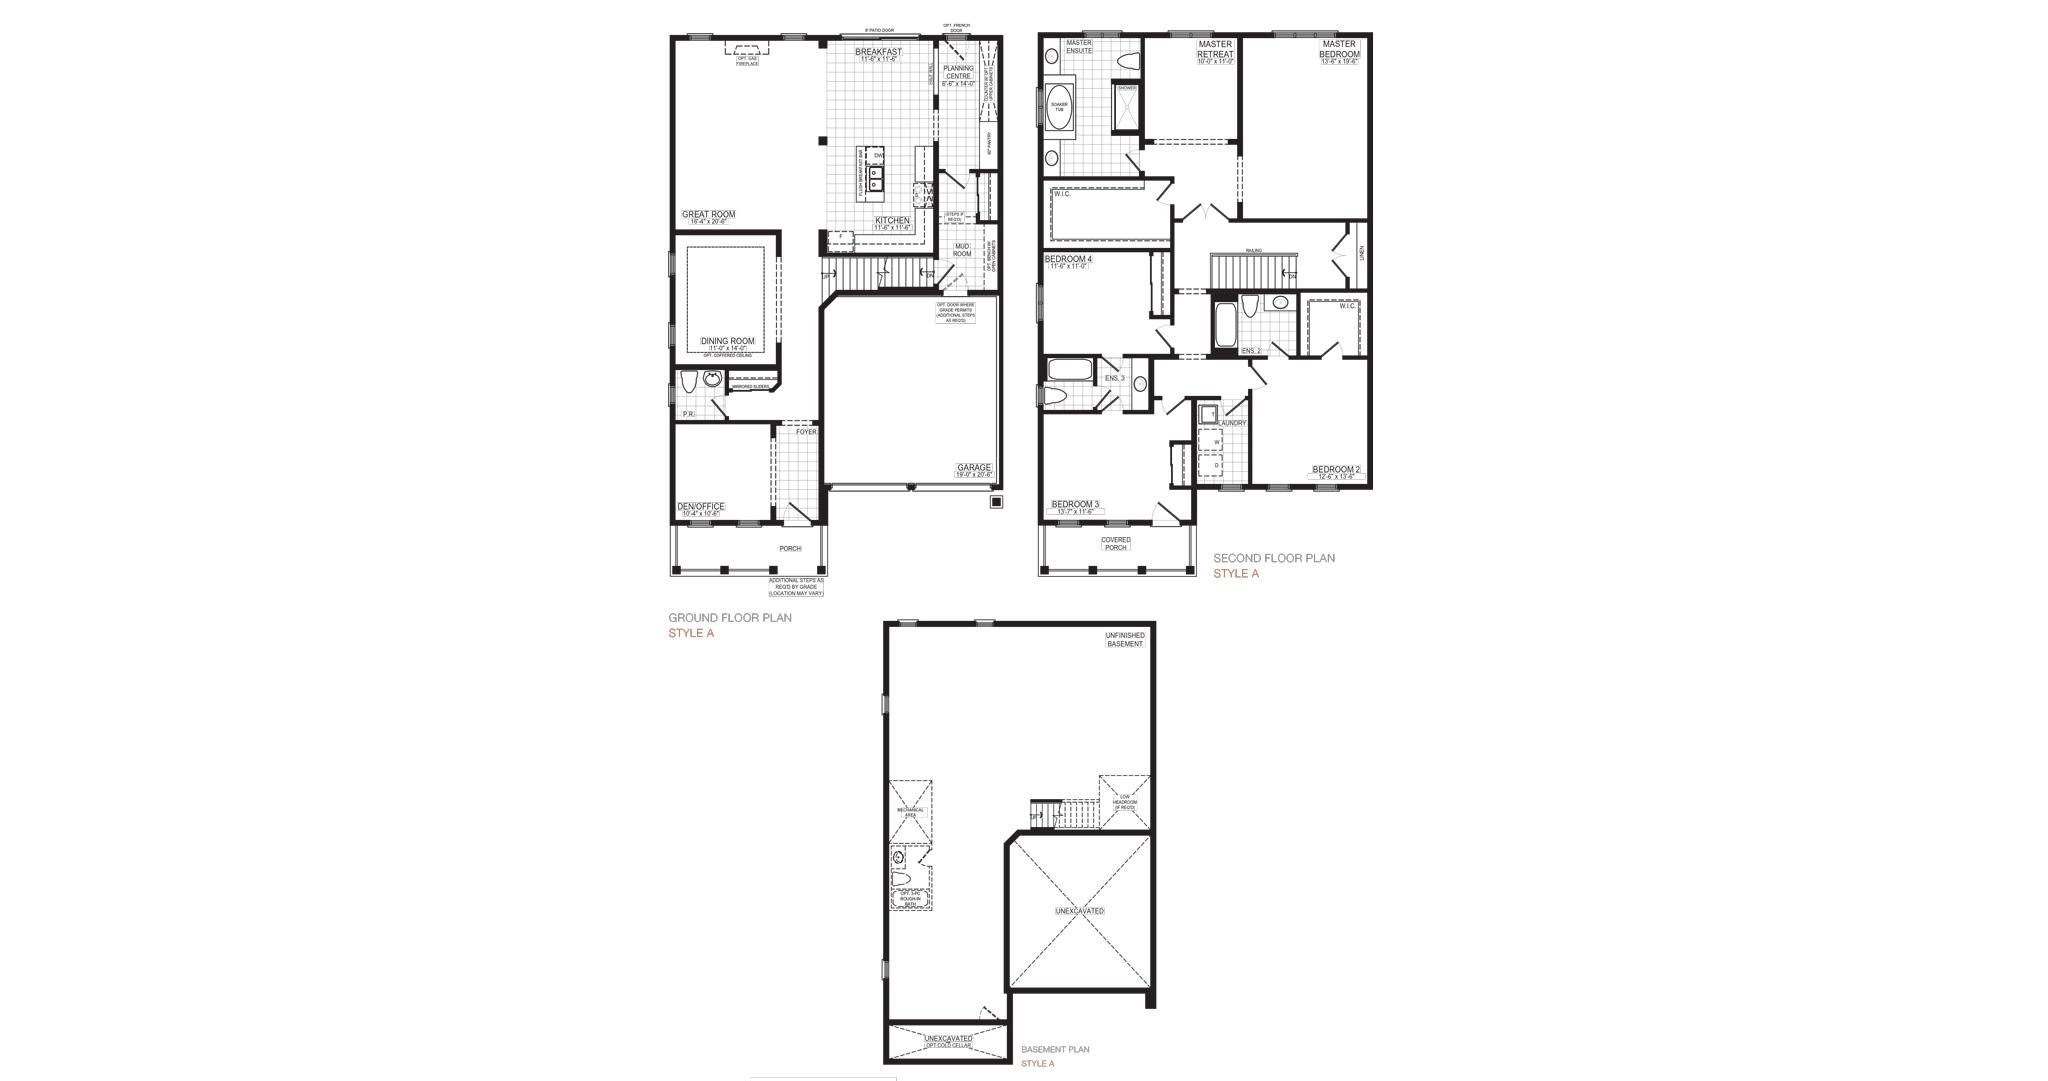 35877-featherstone-floor-plan